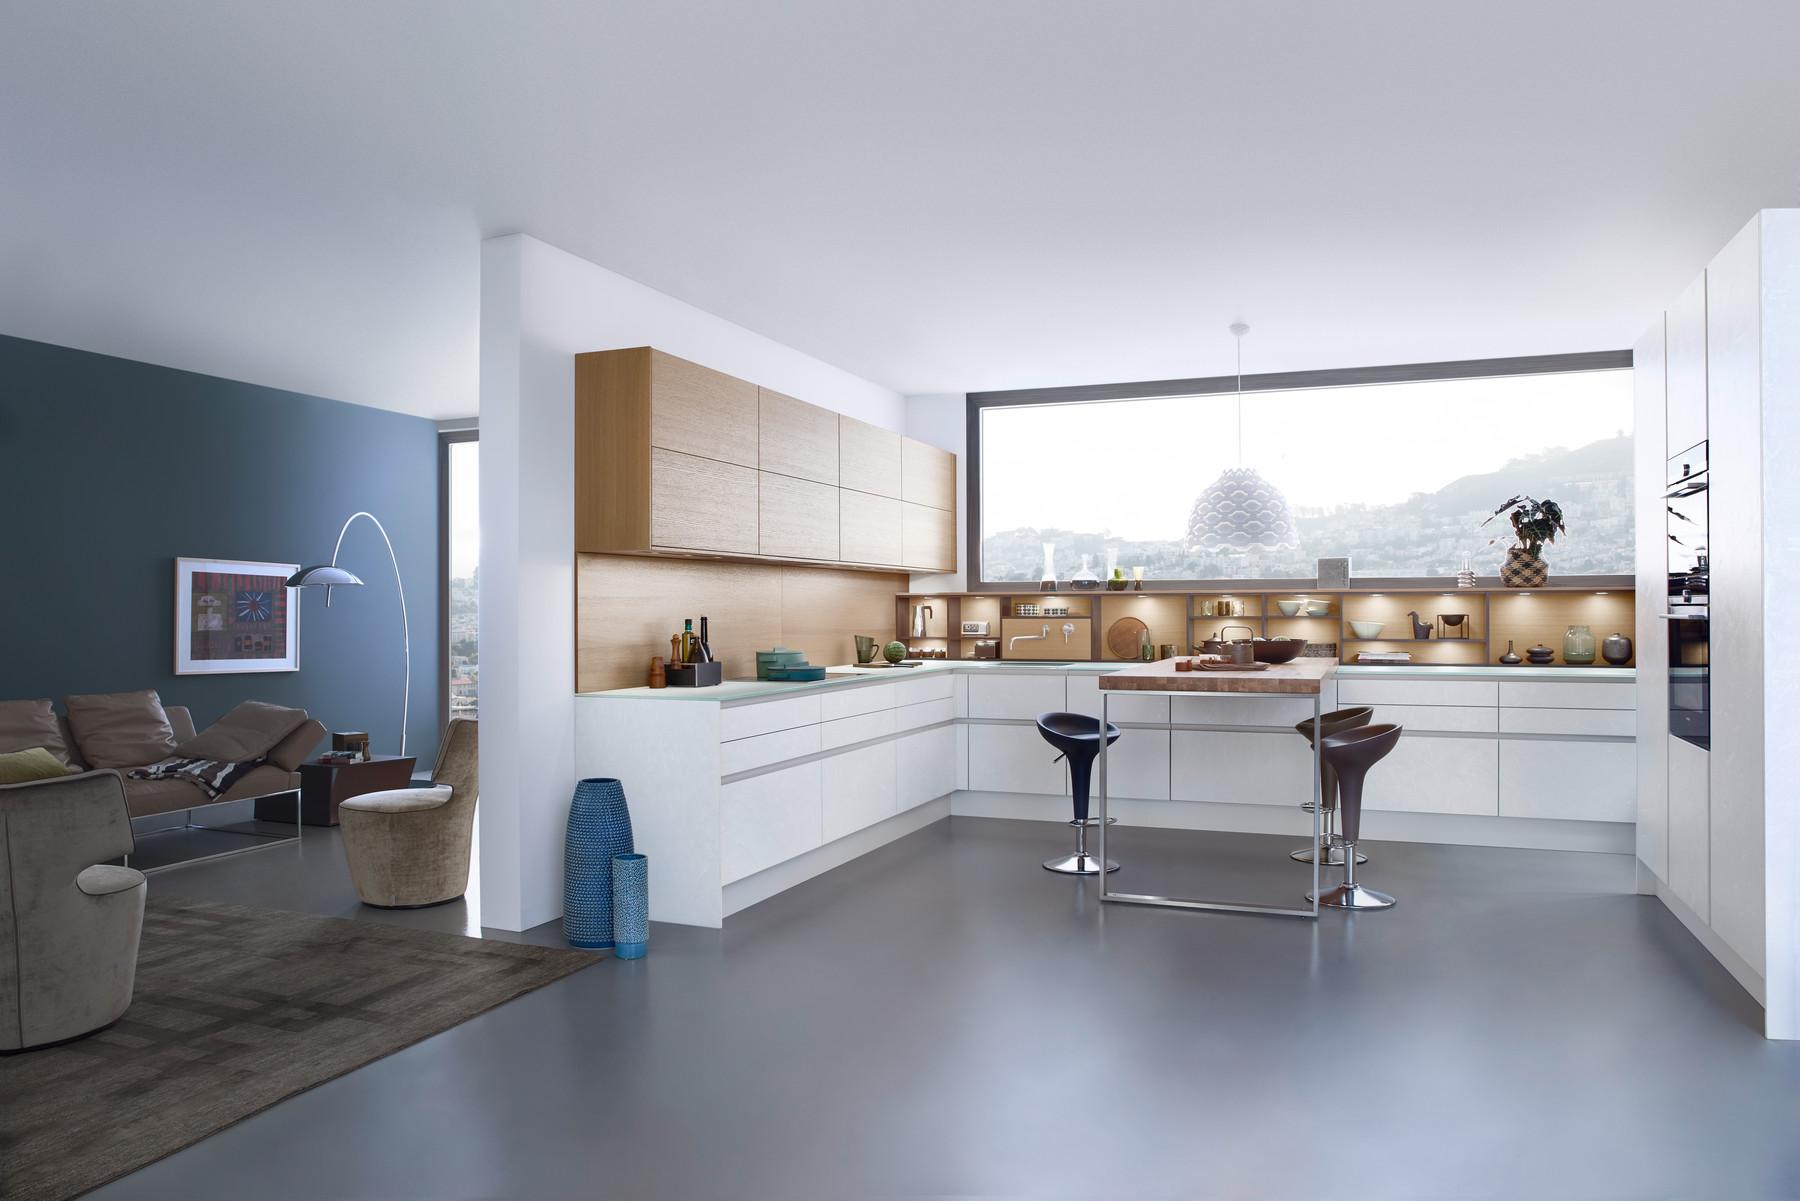 Leicht Einbauküchen im Küchenstudio Bergheim bei Salzburg | {Leicht küchen fronten 61}